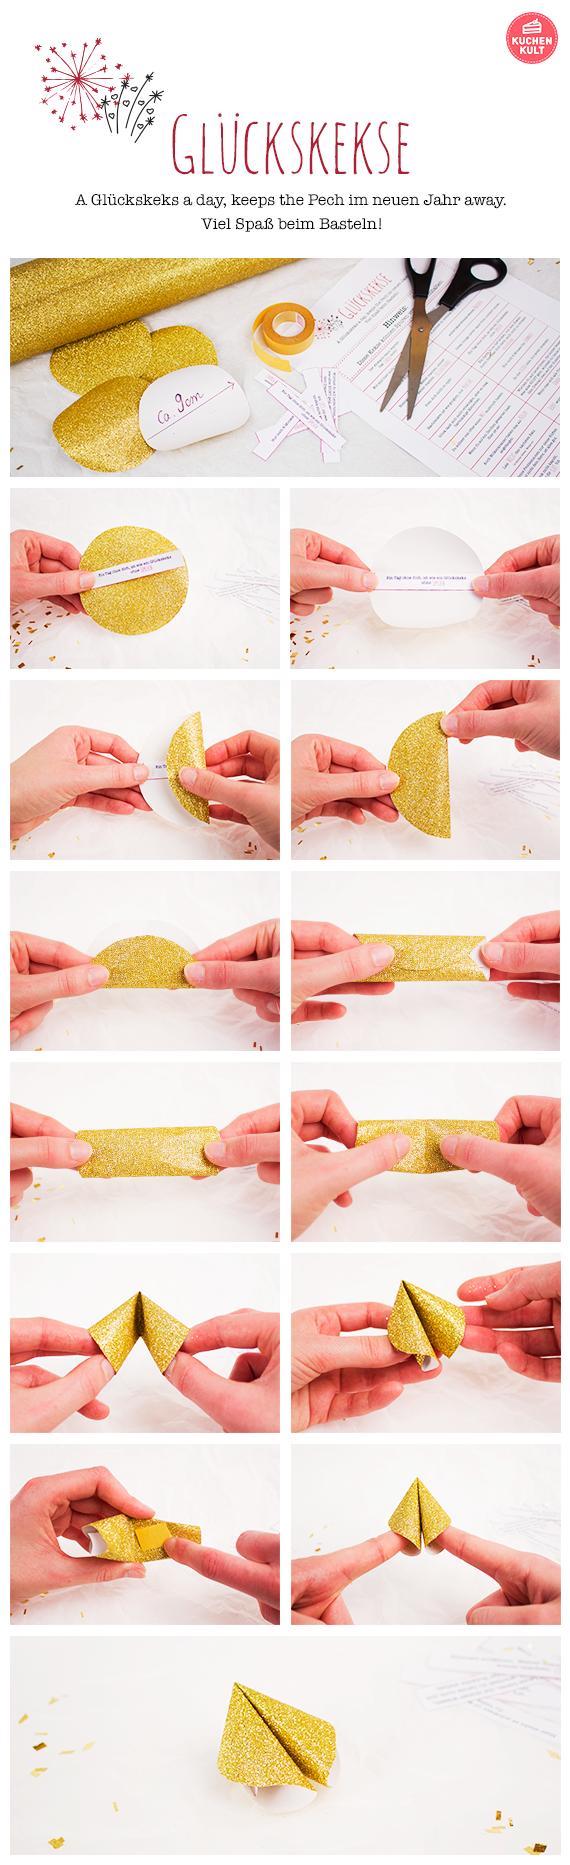 DIY Glückskekse - so einfach kann man sie selber basteln!